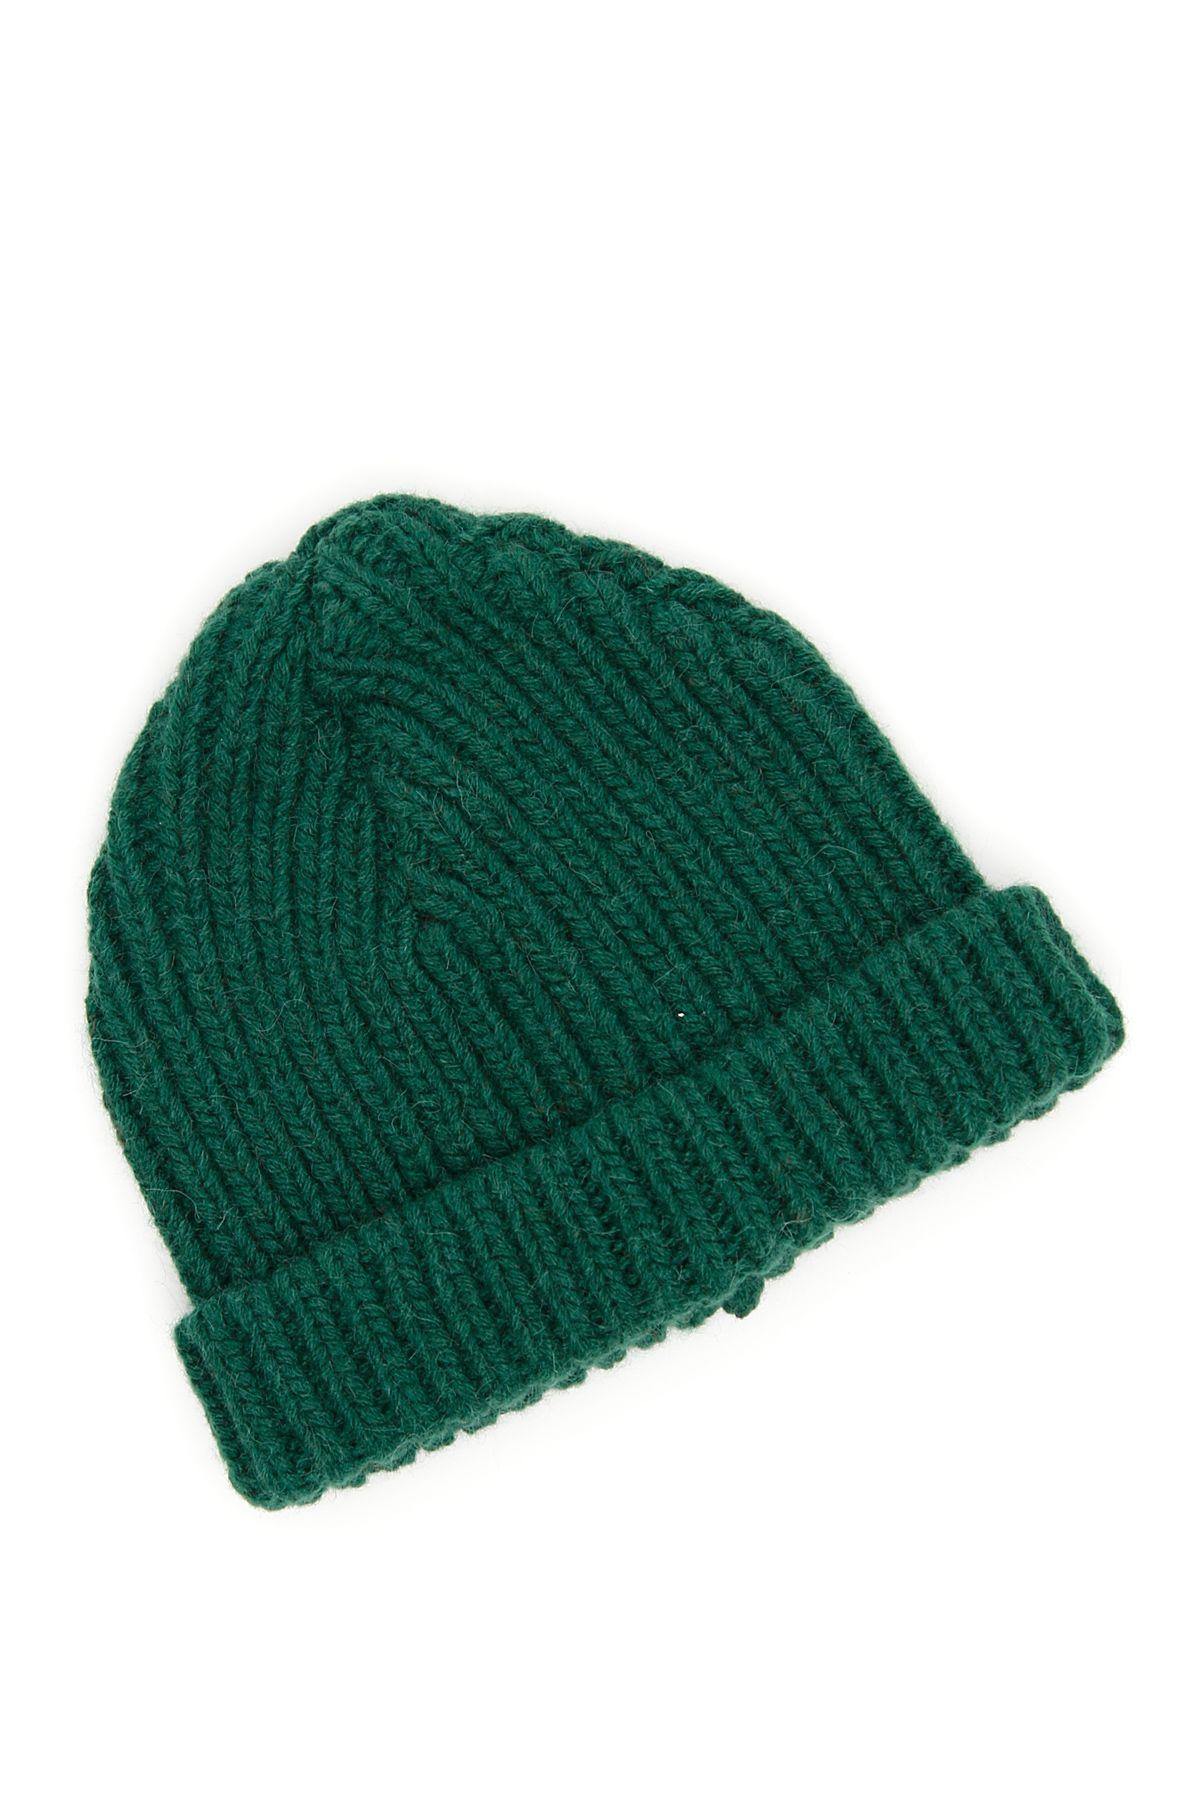 ribbed beanie hat - Green Marni xNmHqX4kHo